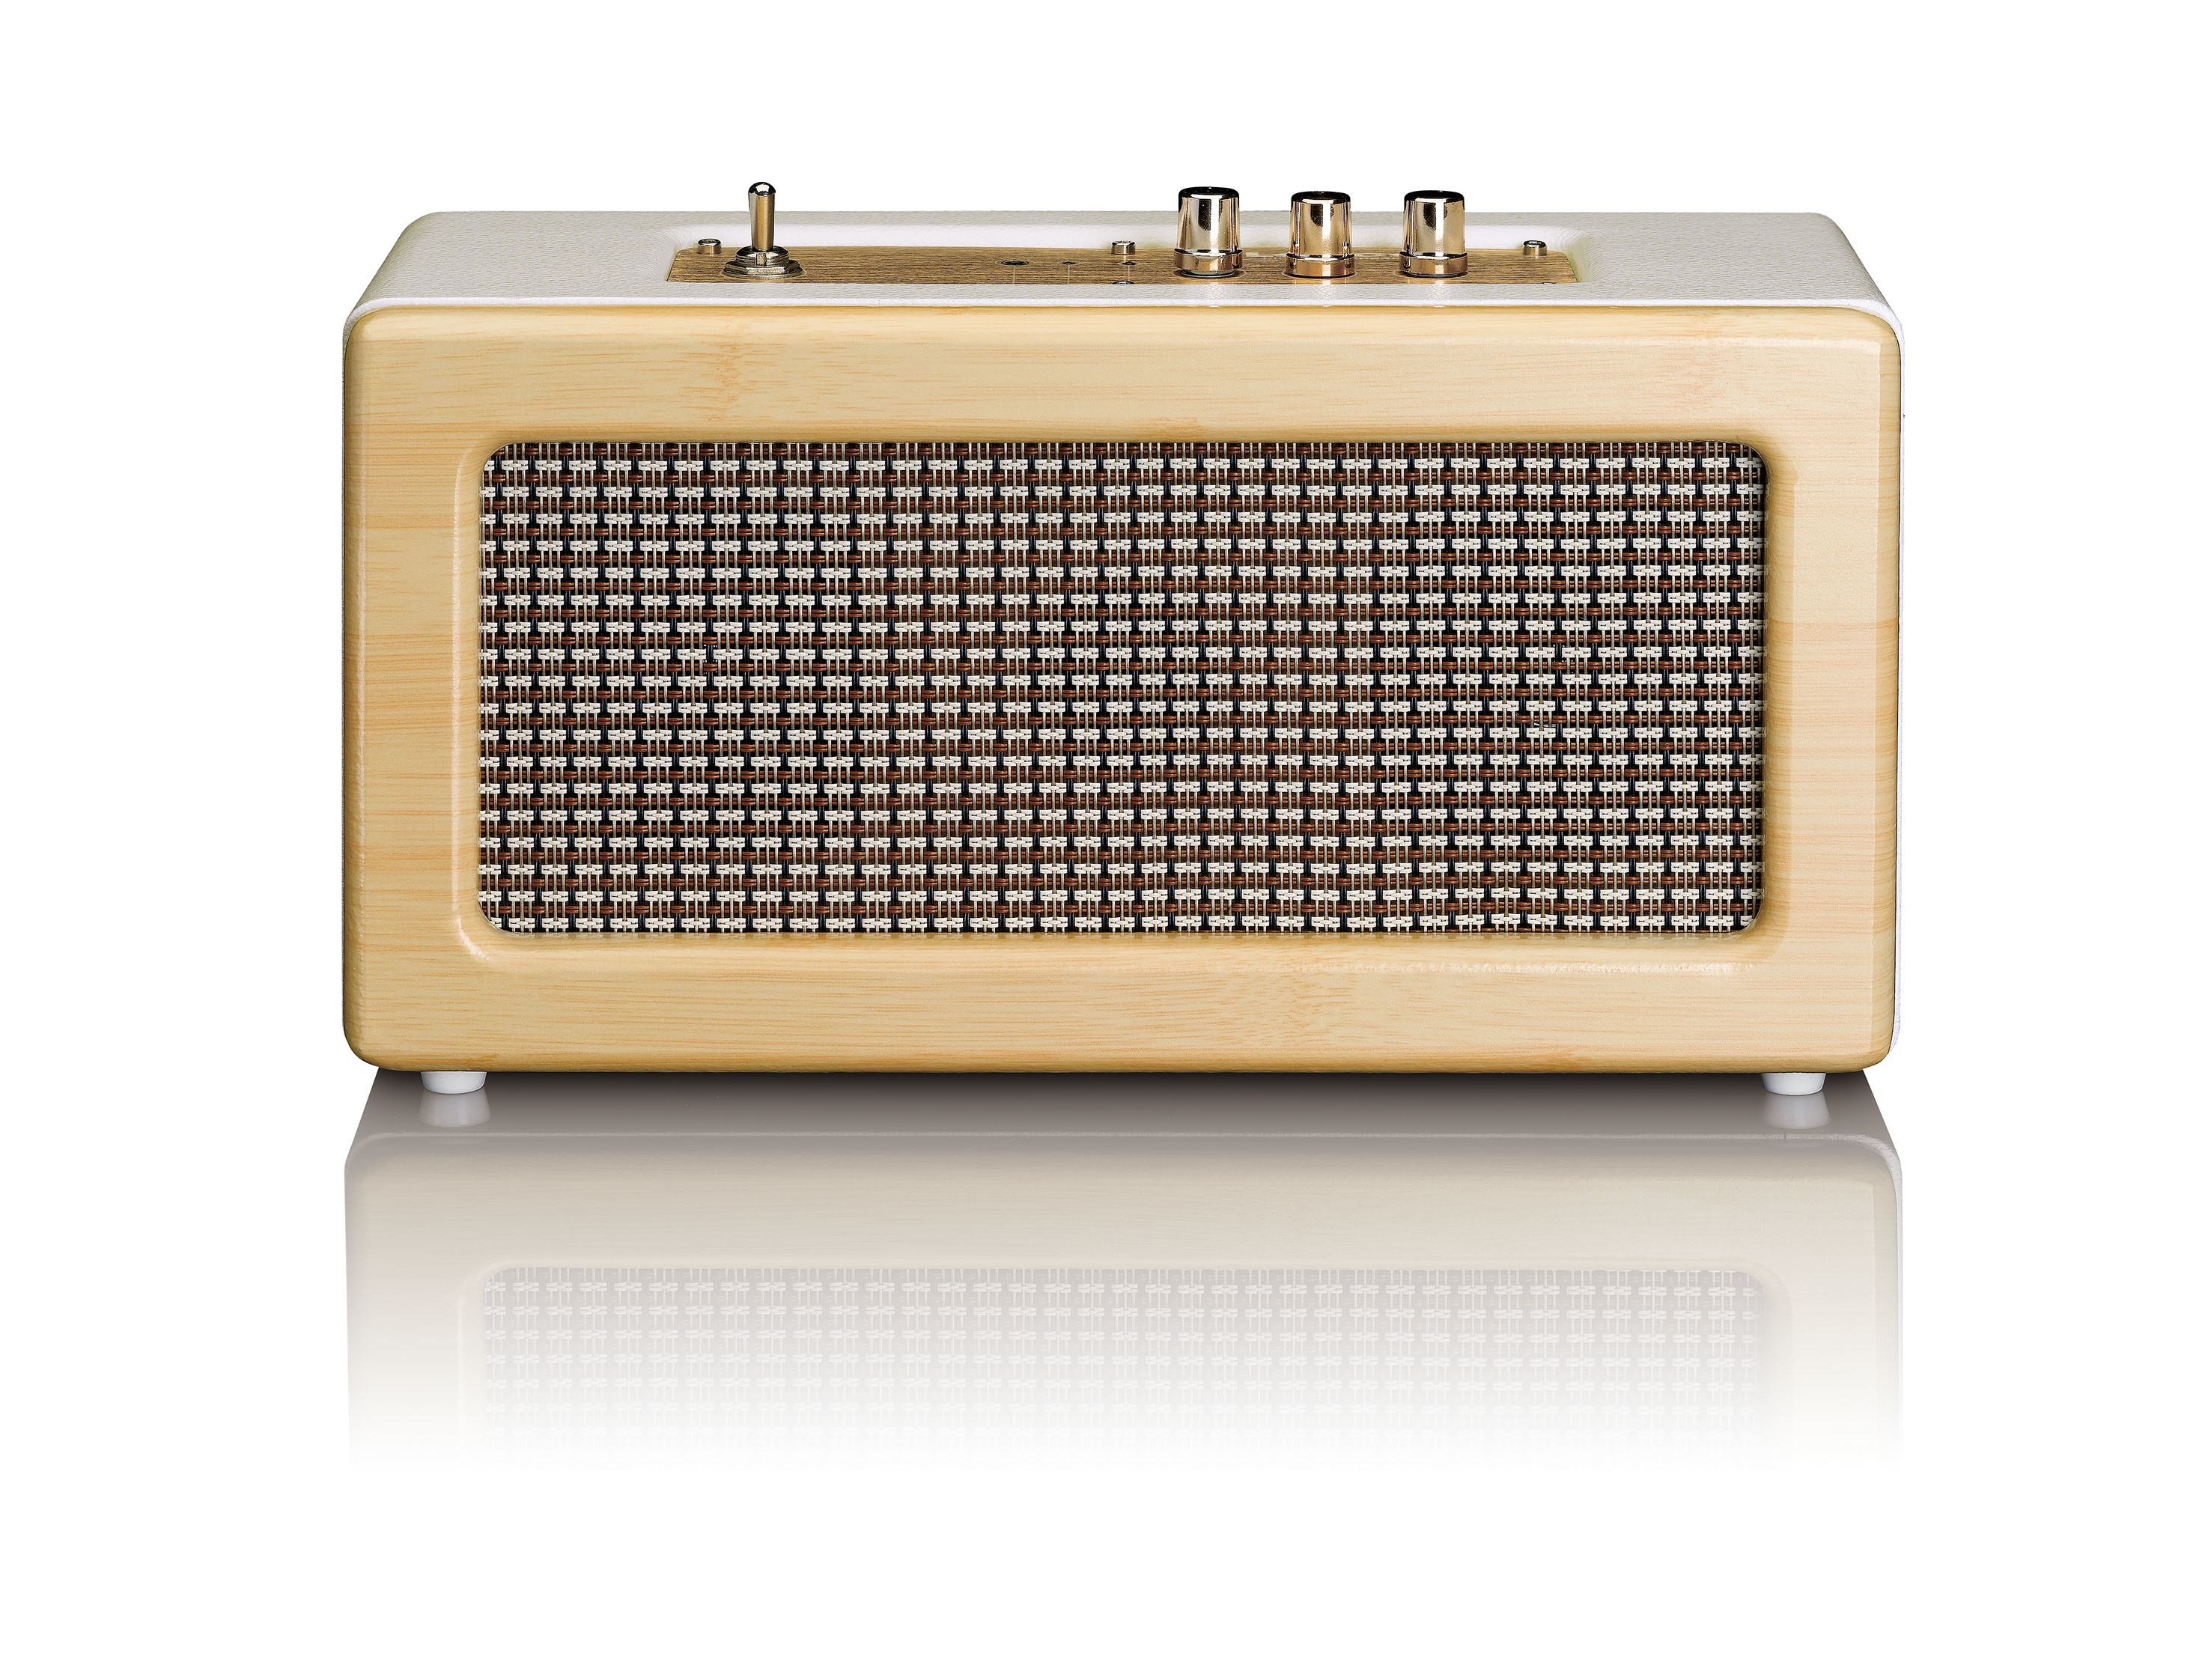 Korting Lenco BT 300 bluetooth speaker